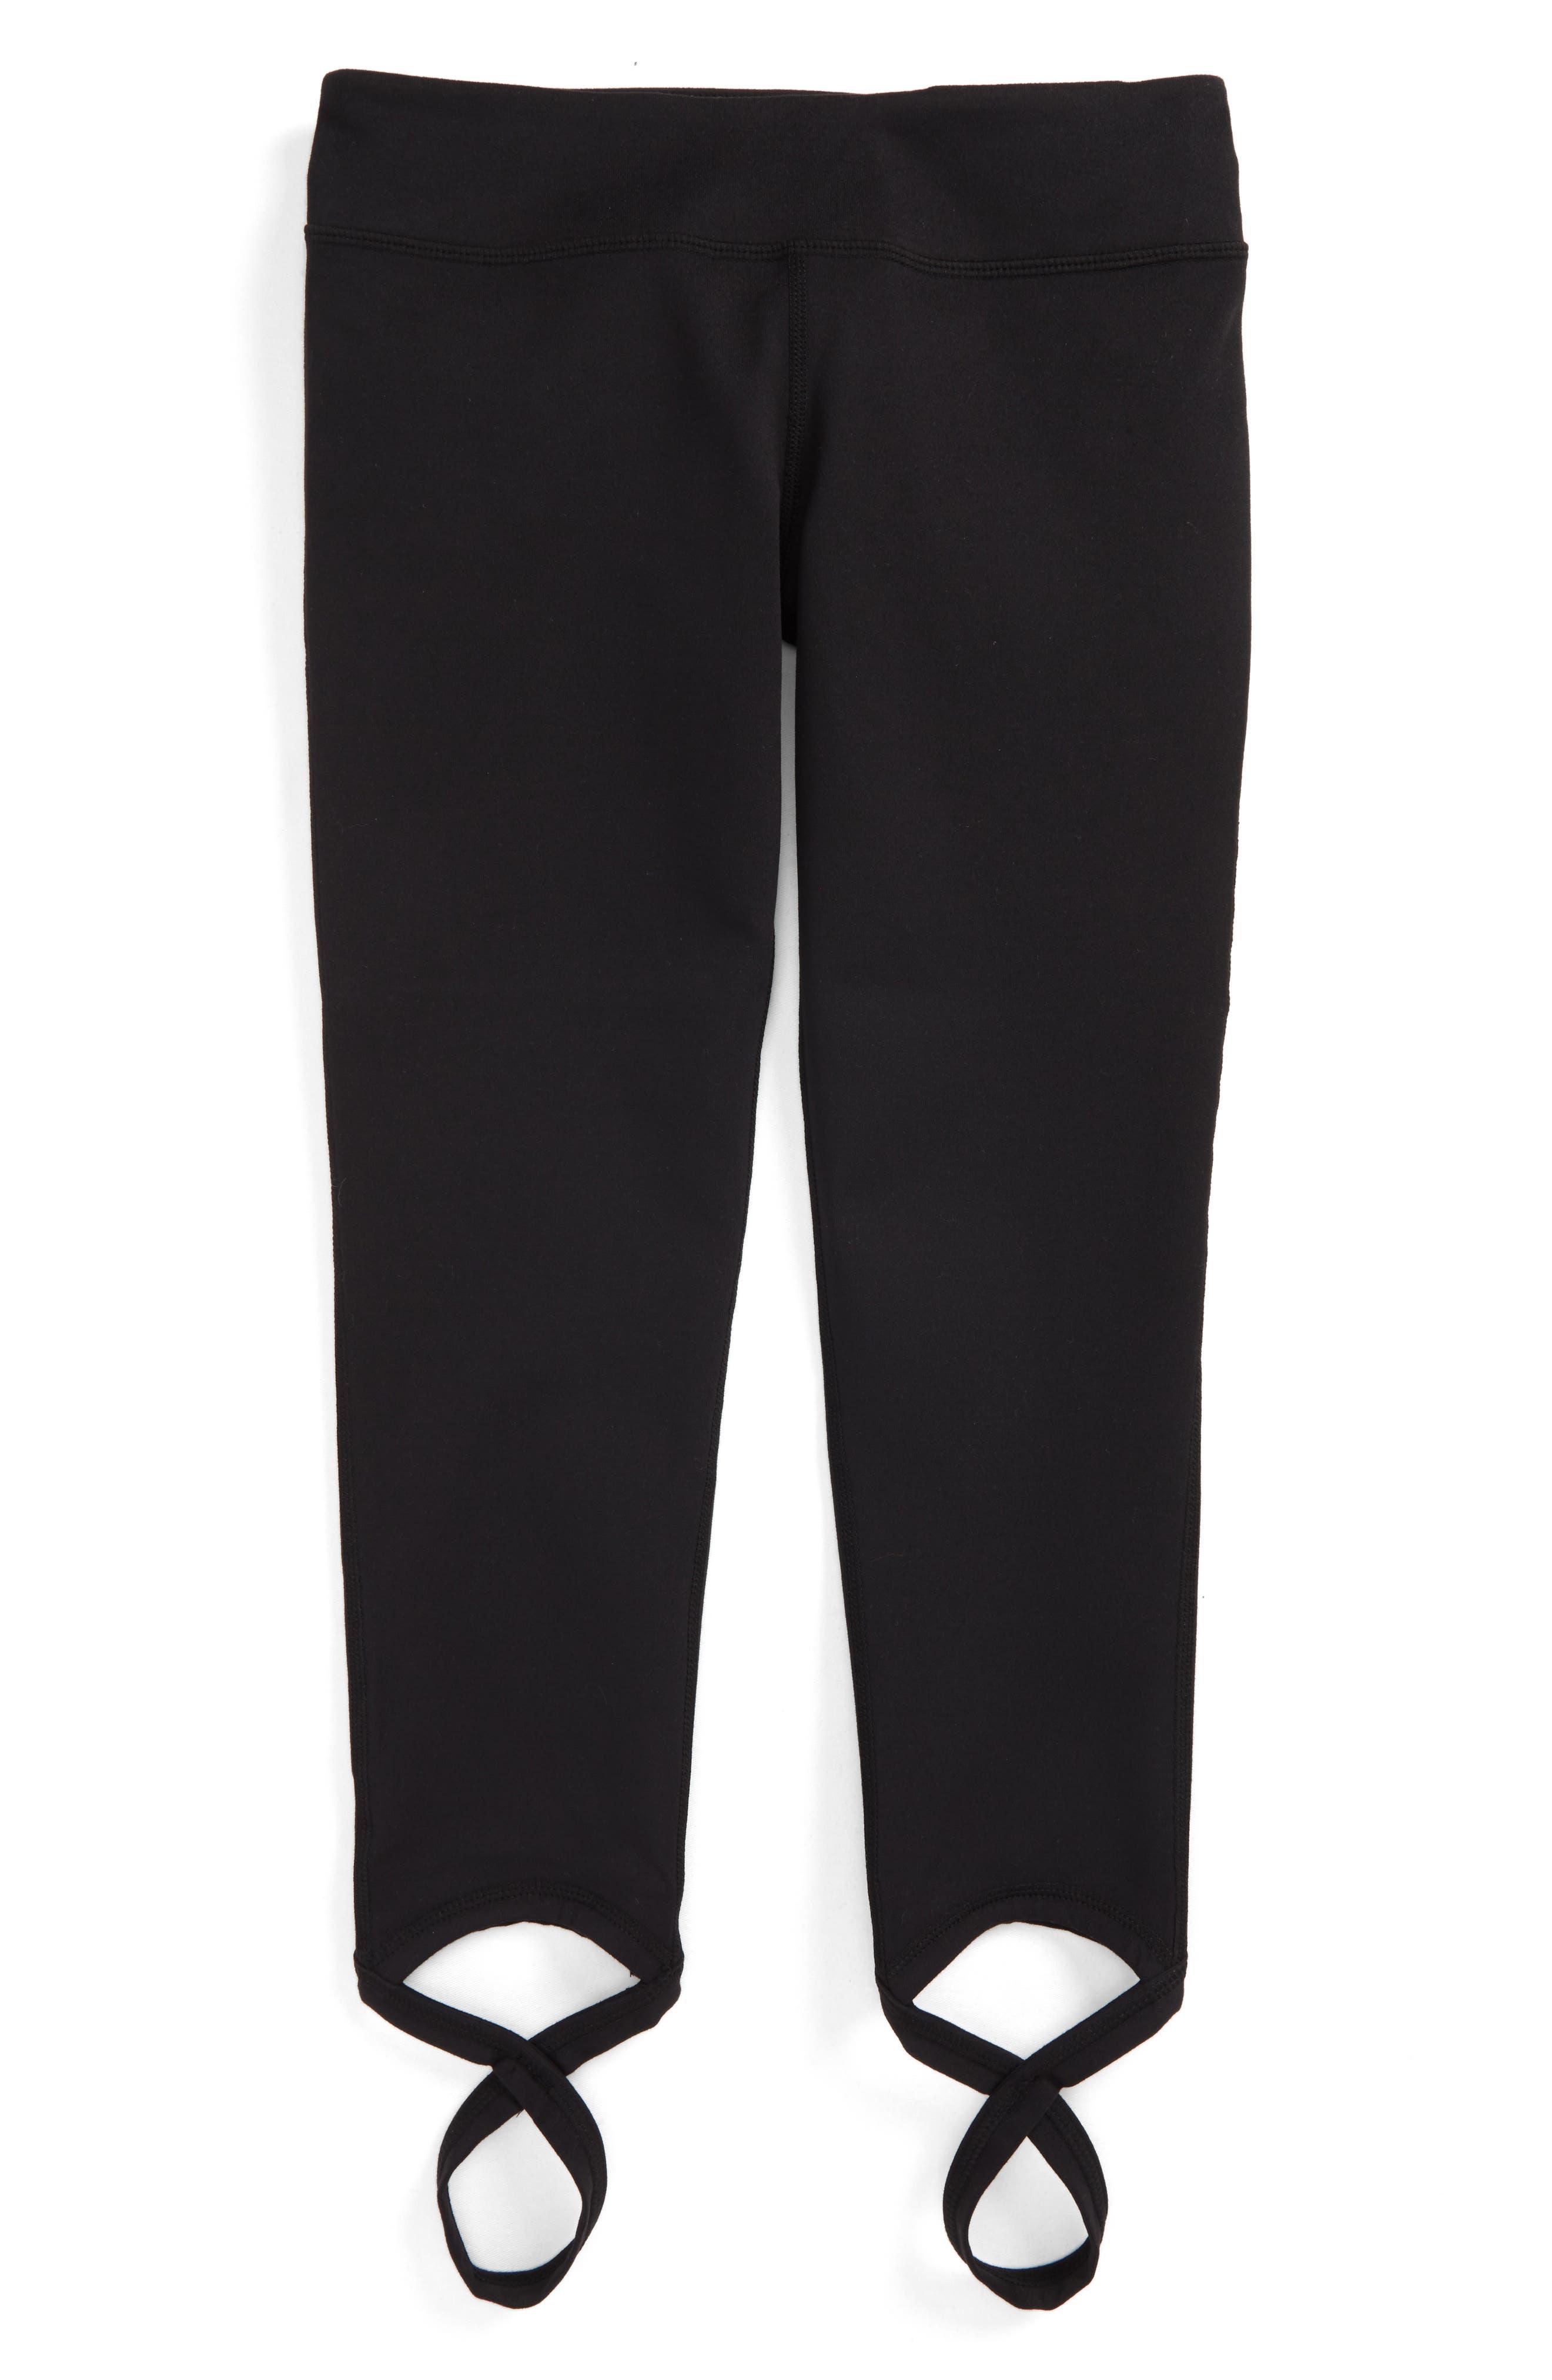 Zella Ankle Wrap Crop Leggings,                         Main,                         color, 001